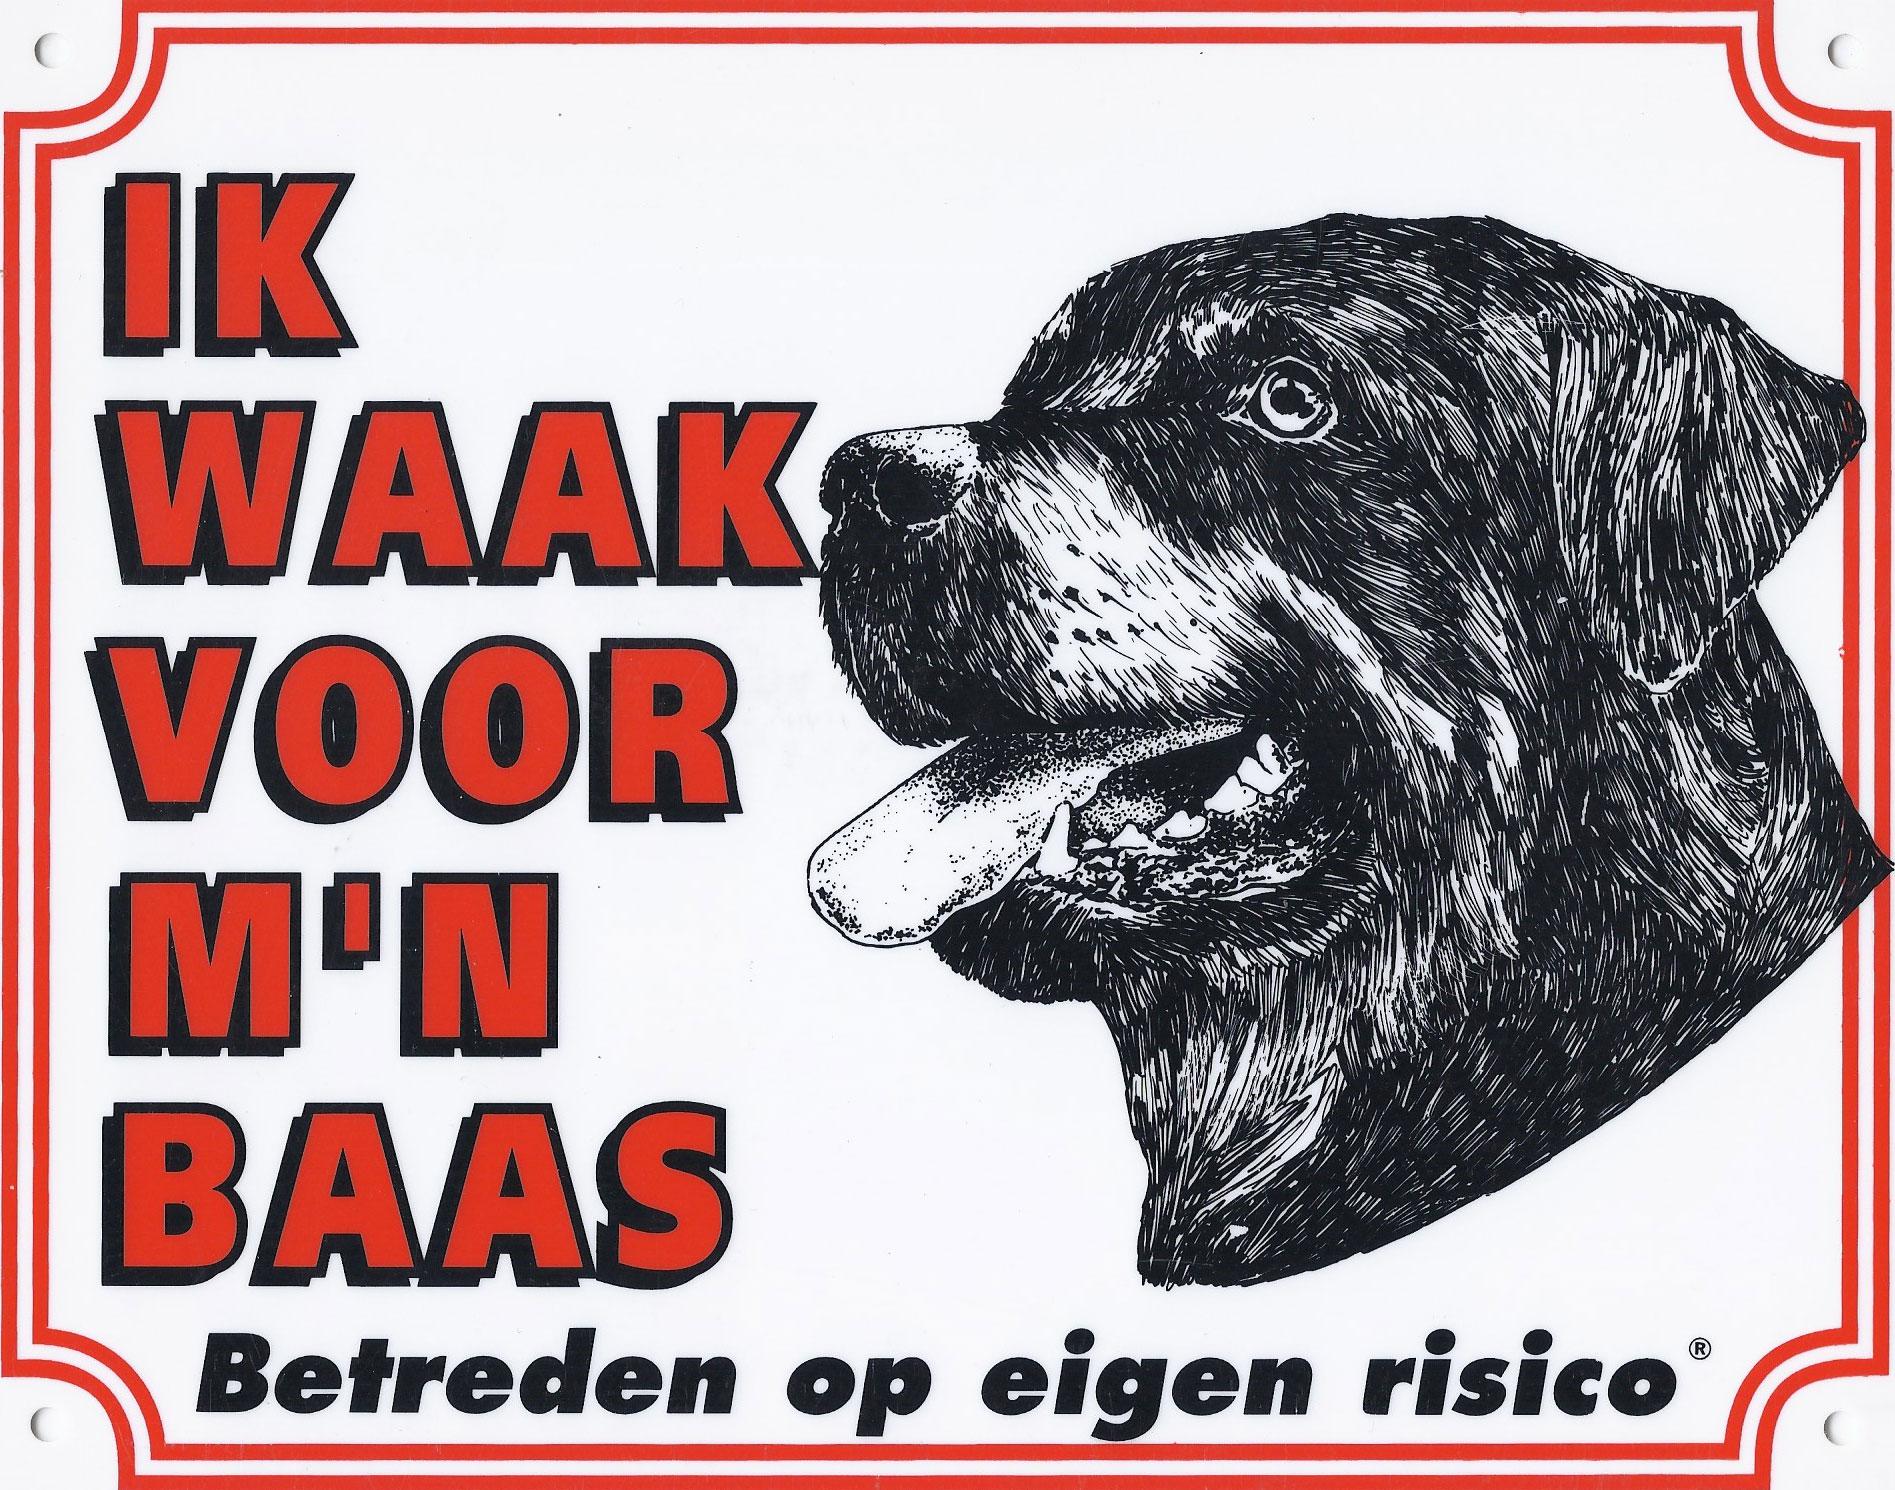 https://www.dierenspullen.shop/mwa/image/meerinfo/03000.jpg